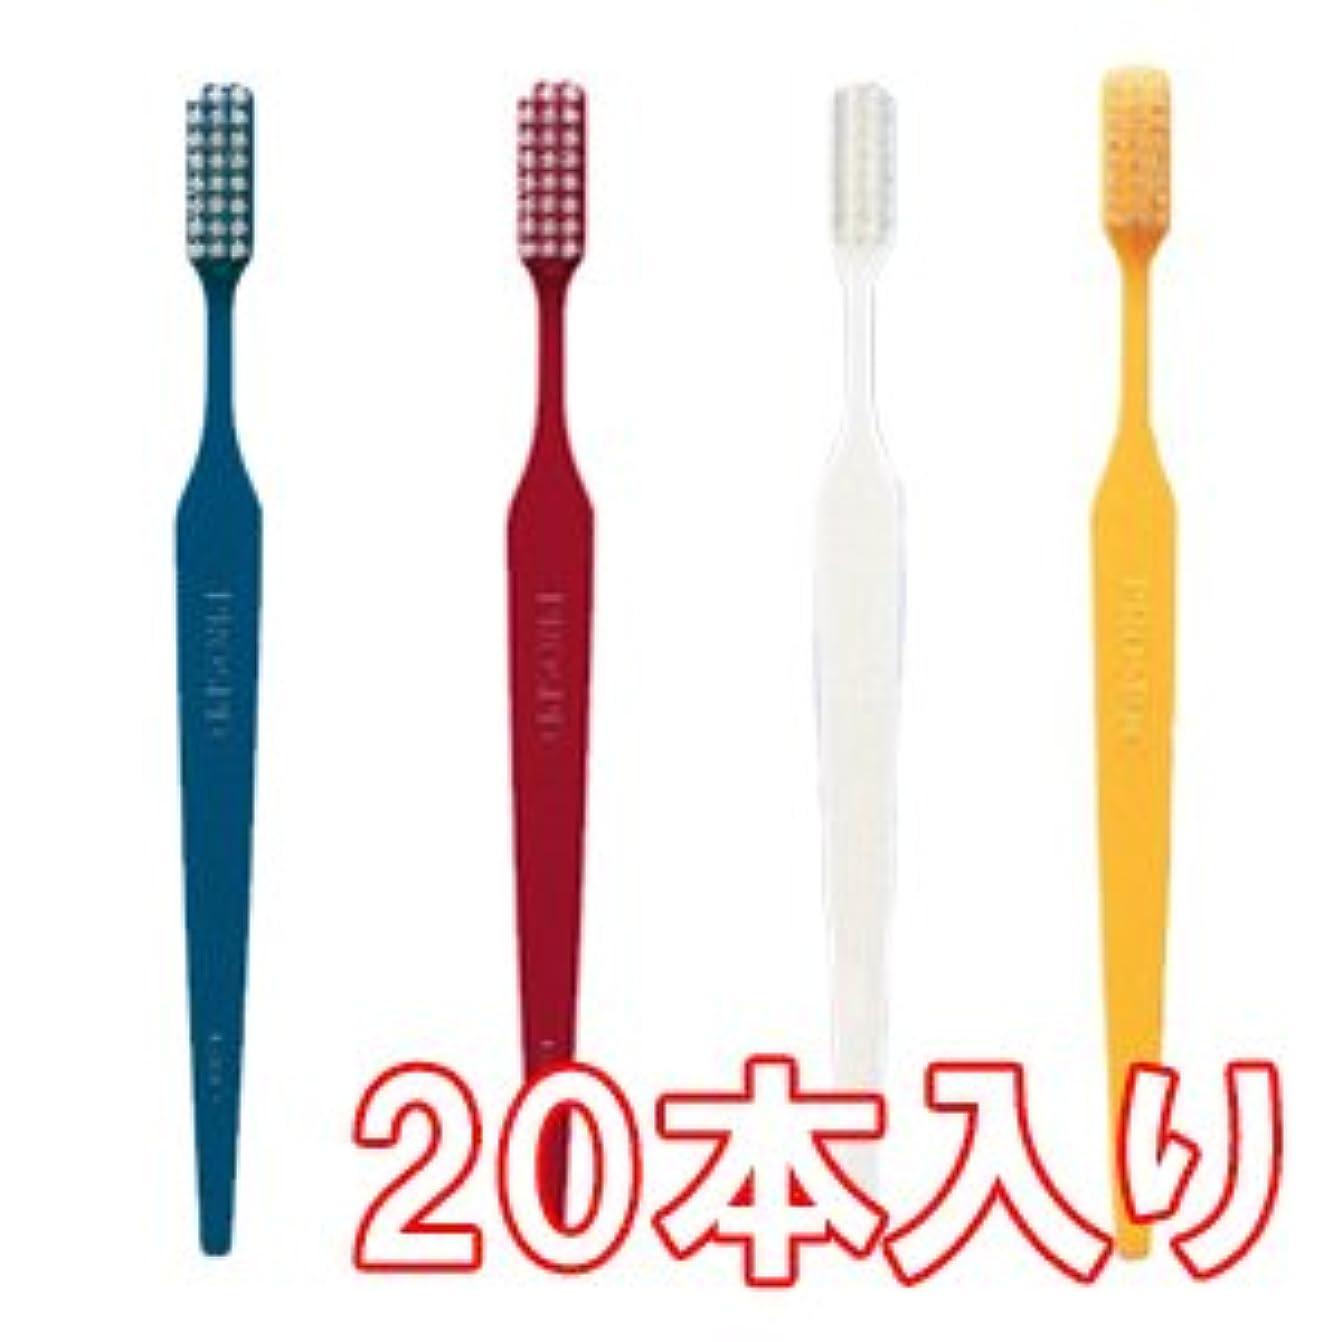 満足させる瞳輝くジーシー GC プロスペック 歯ブラシ アダルト 20本入 M ふつう